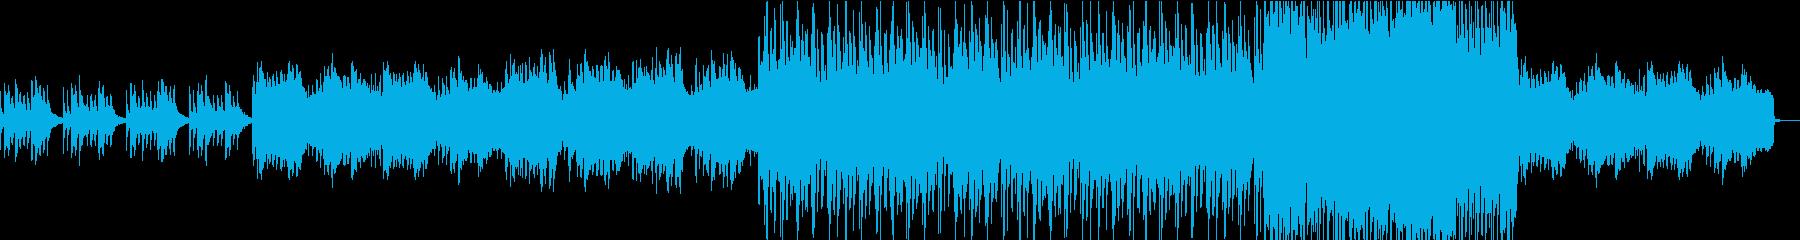 厳かな雰囲気の和風の曲の再生済みの波形